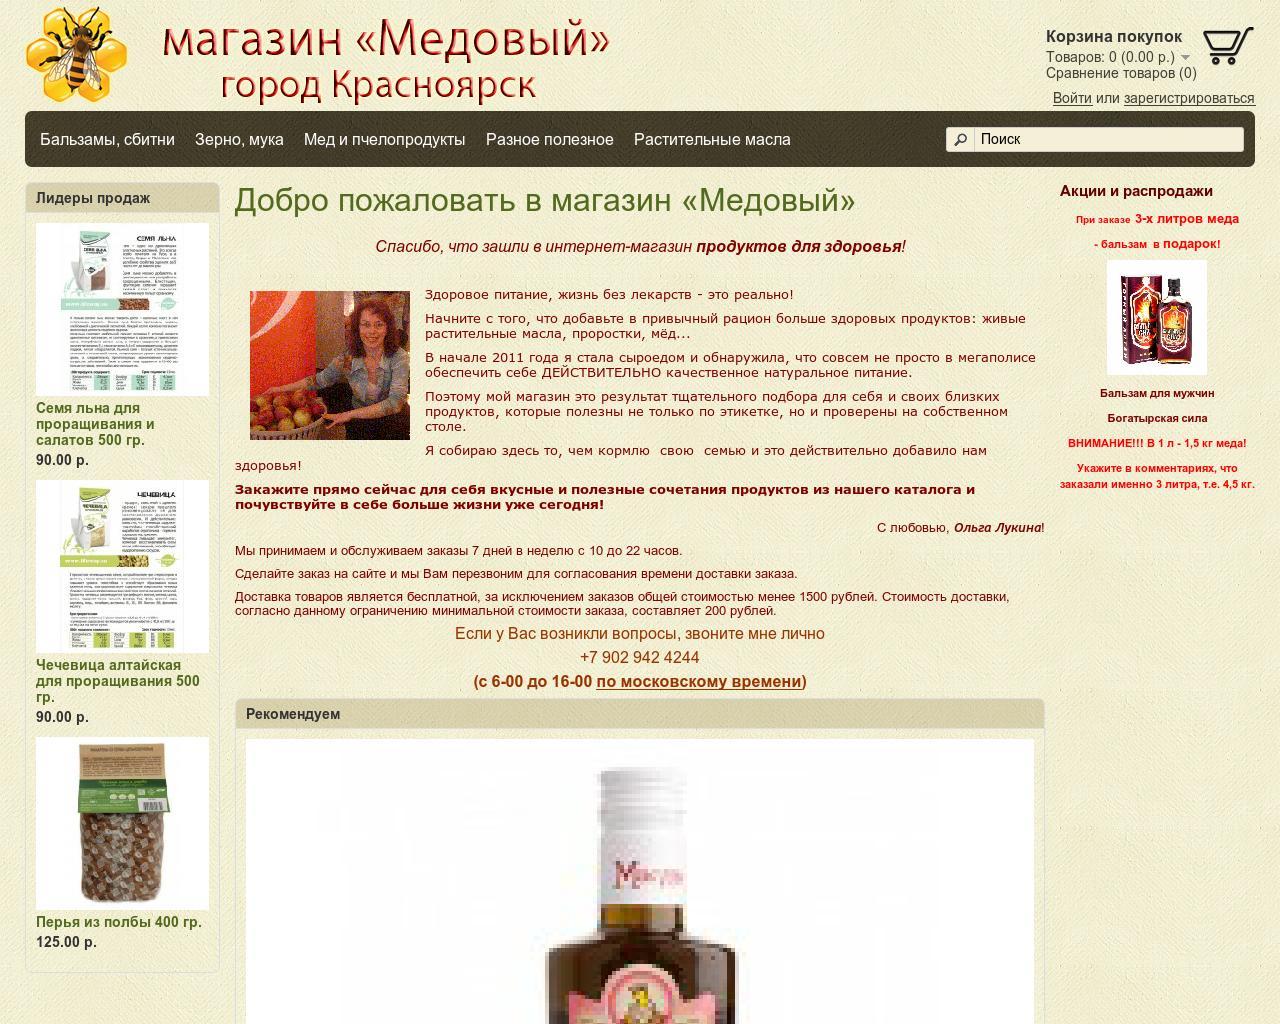 Altaj-medokru